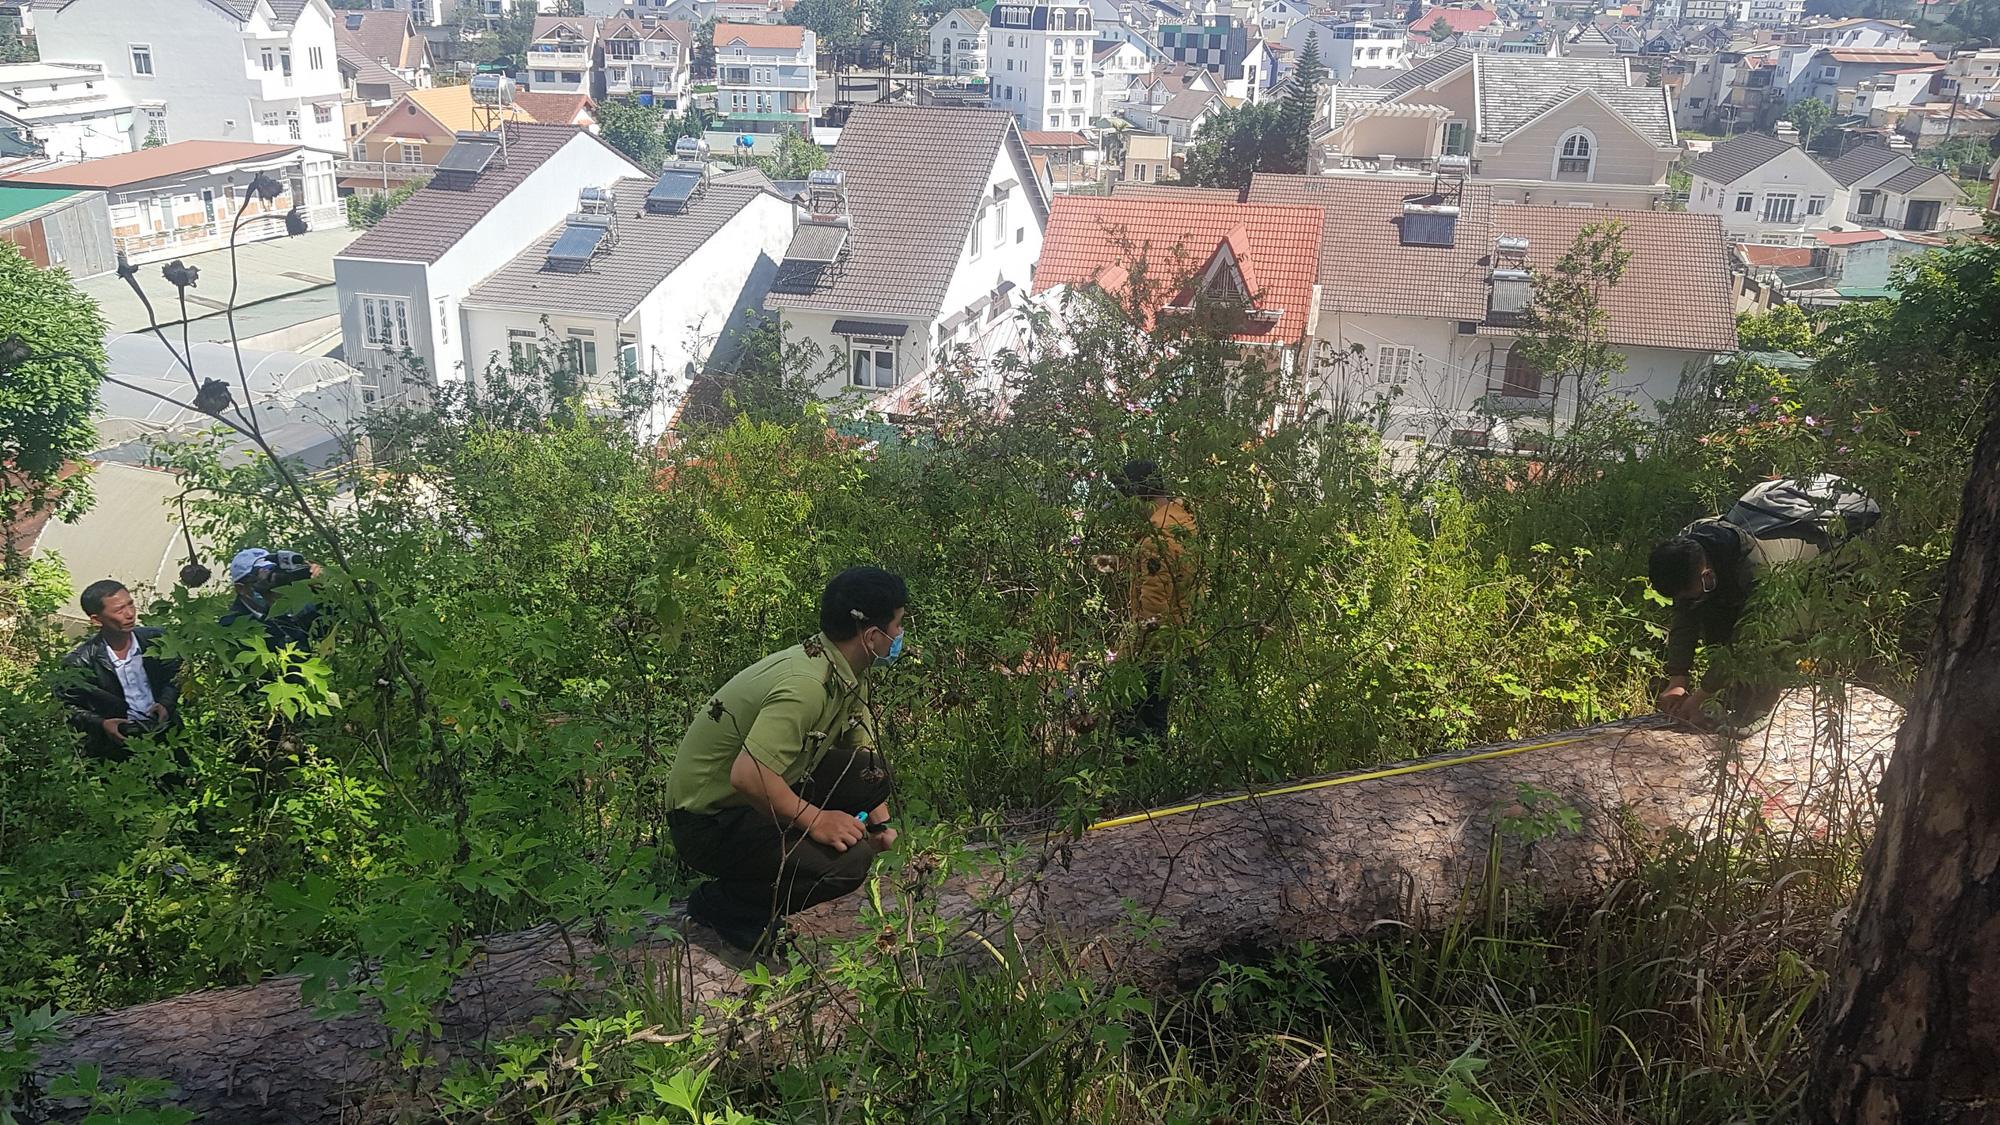 """Video: Hàng chục cây thông cổ thụ giữa trung tâm Đà Lạt bị """"sát hại"""" - Ảnh 2."""